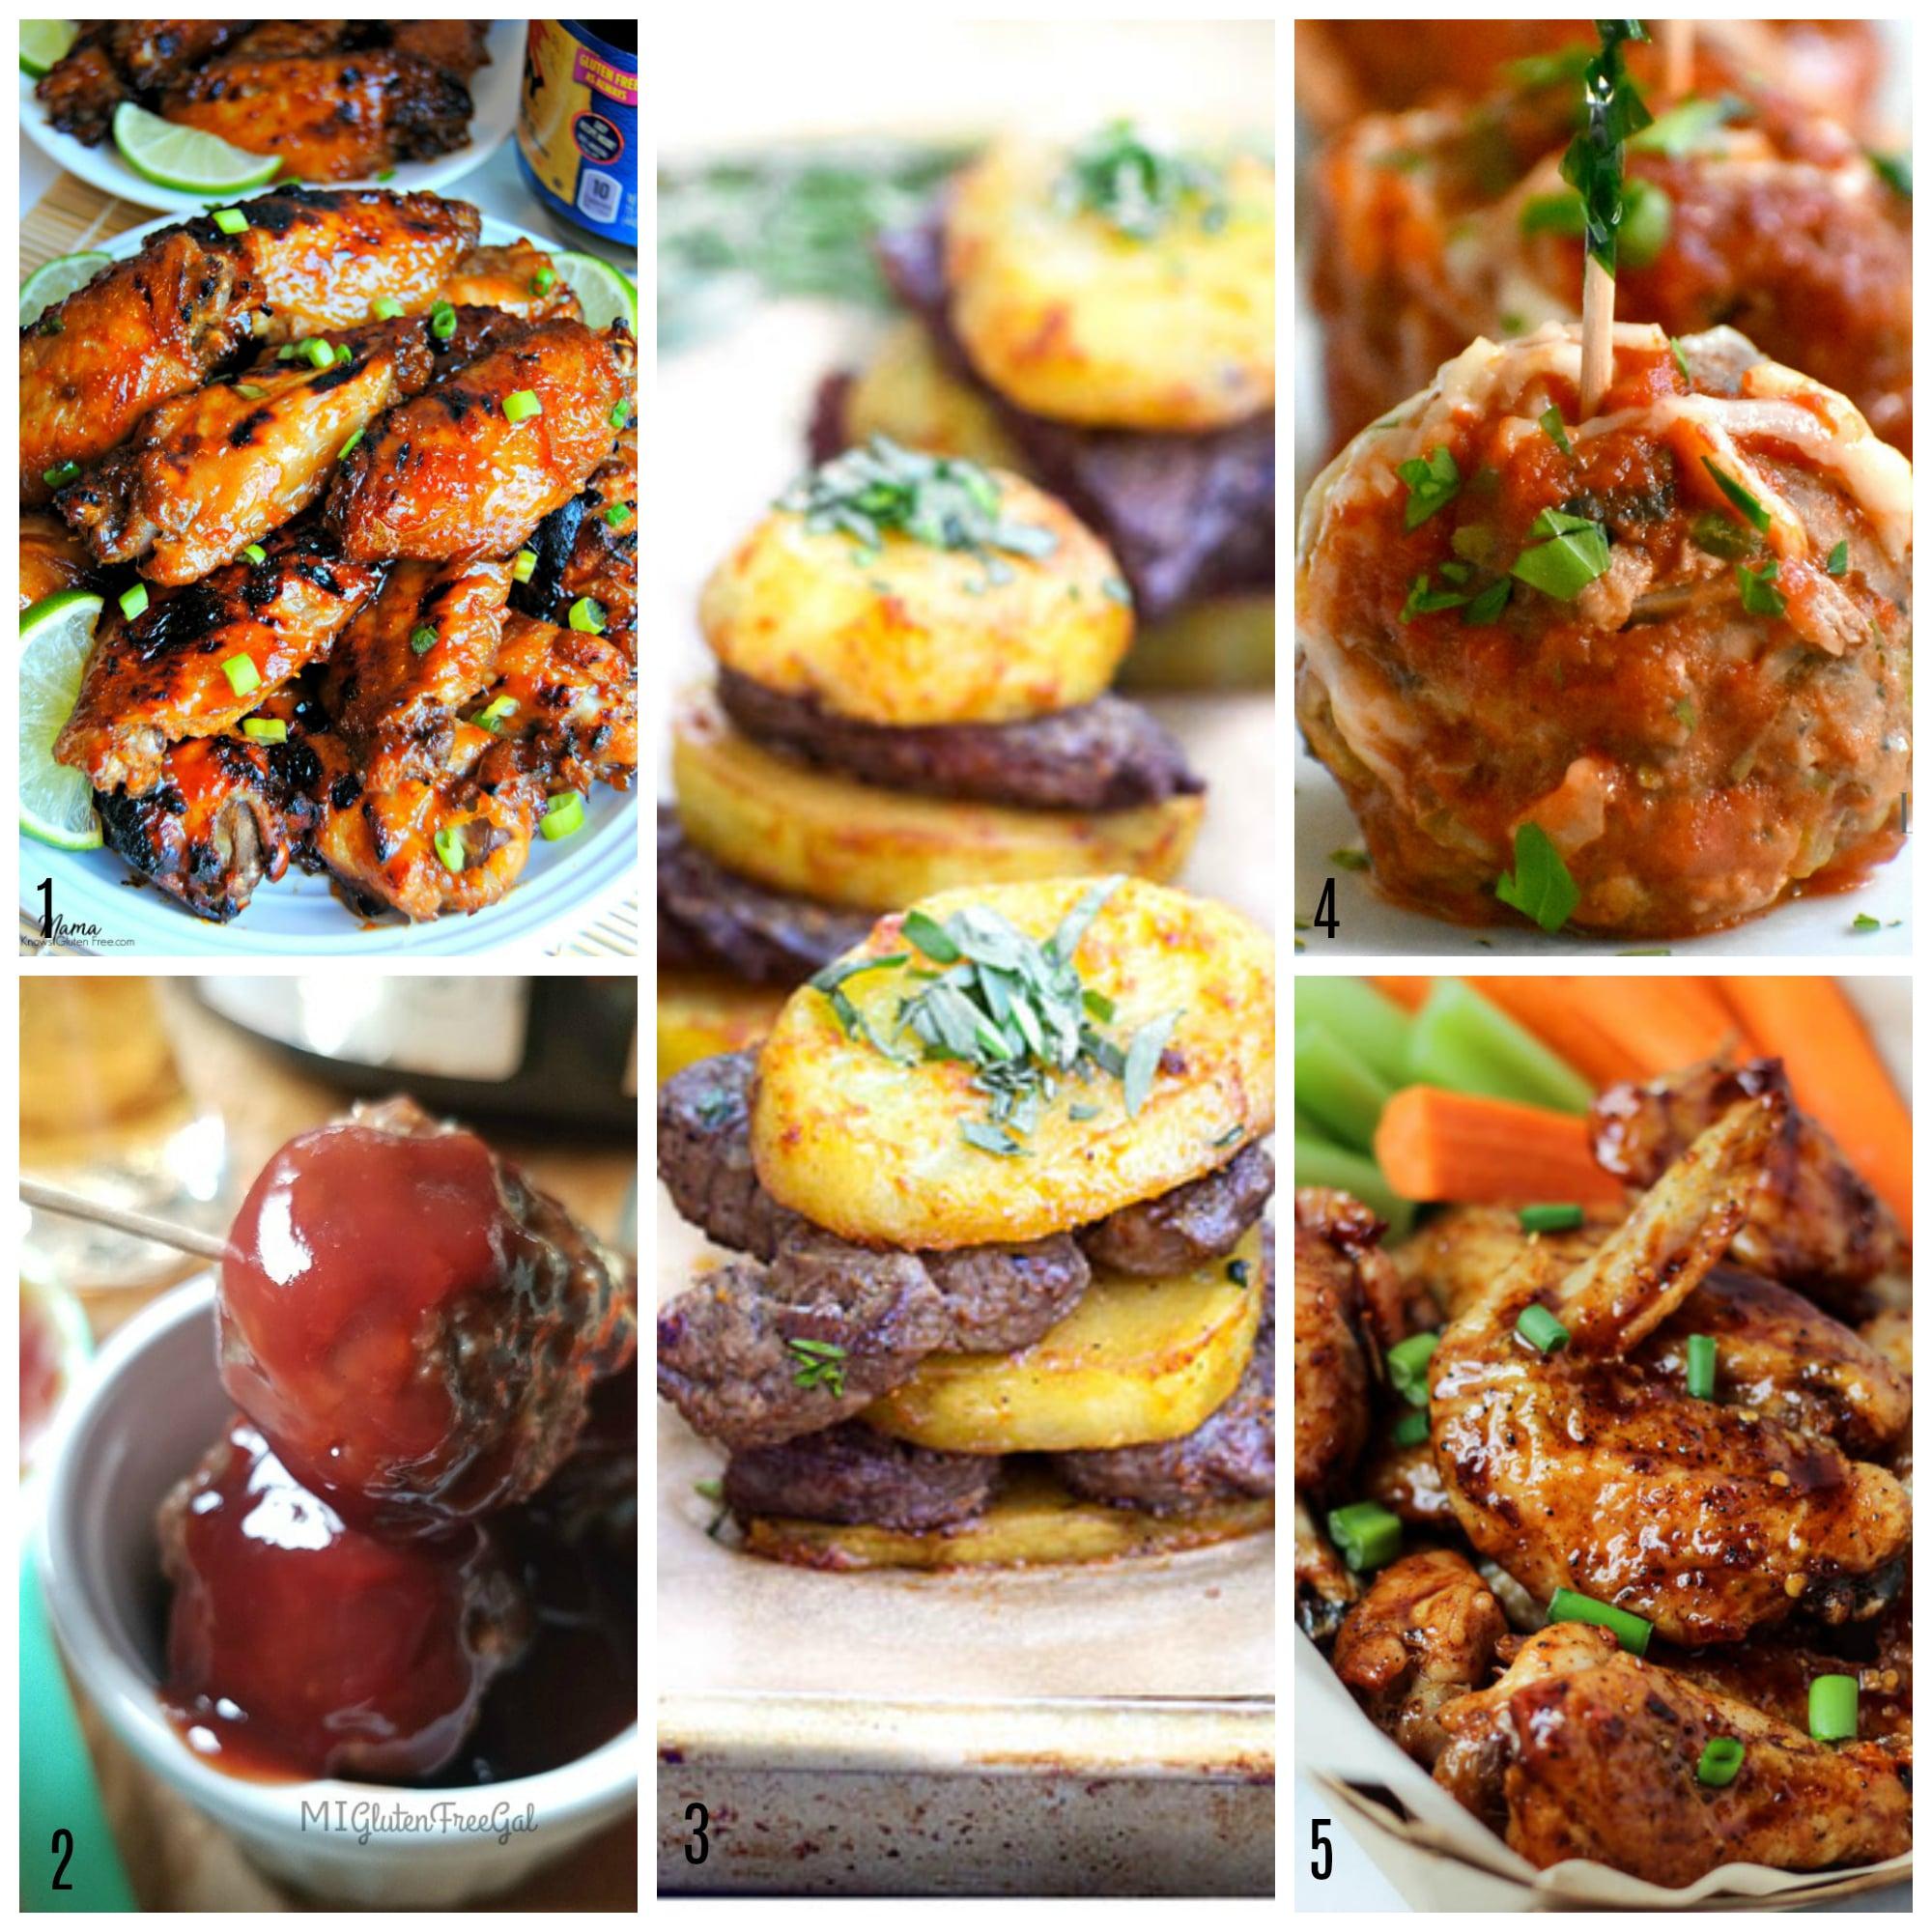 Gluten-Free Meat Appetizers